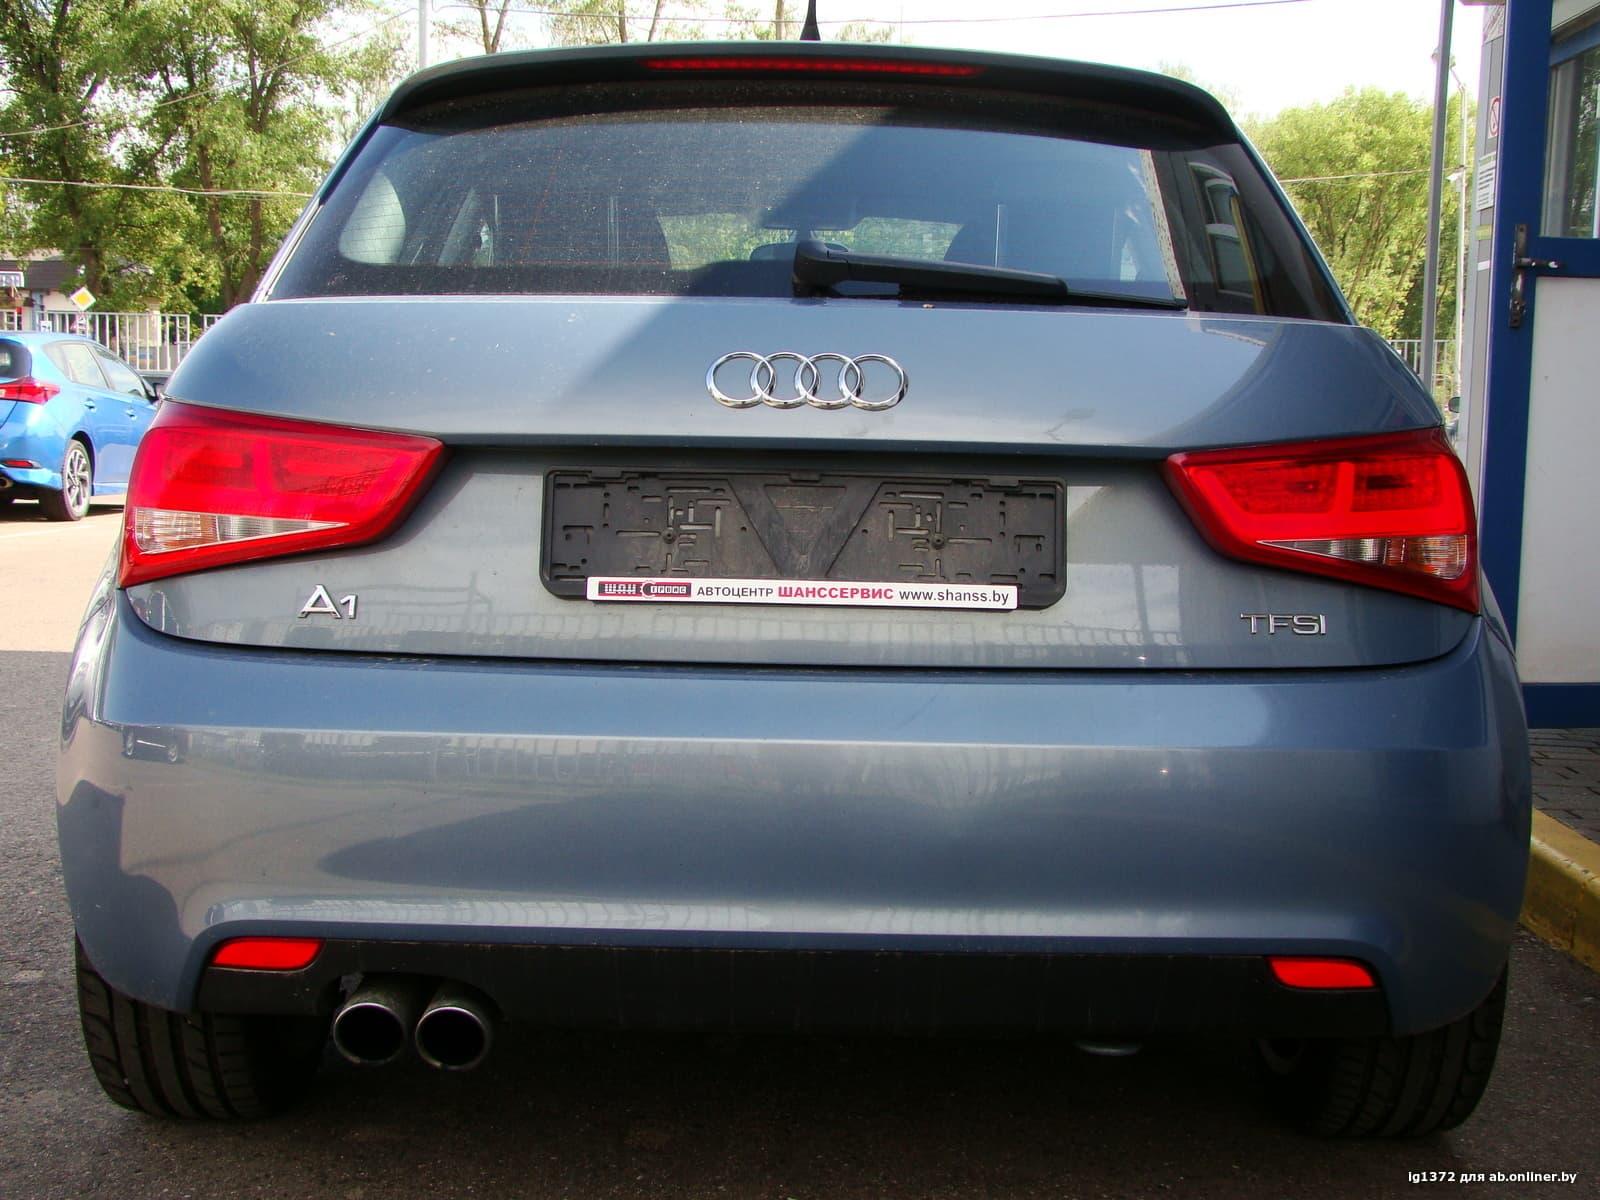 Audi A1 с НДС